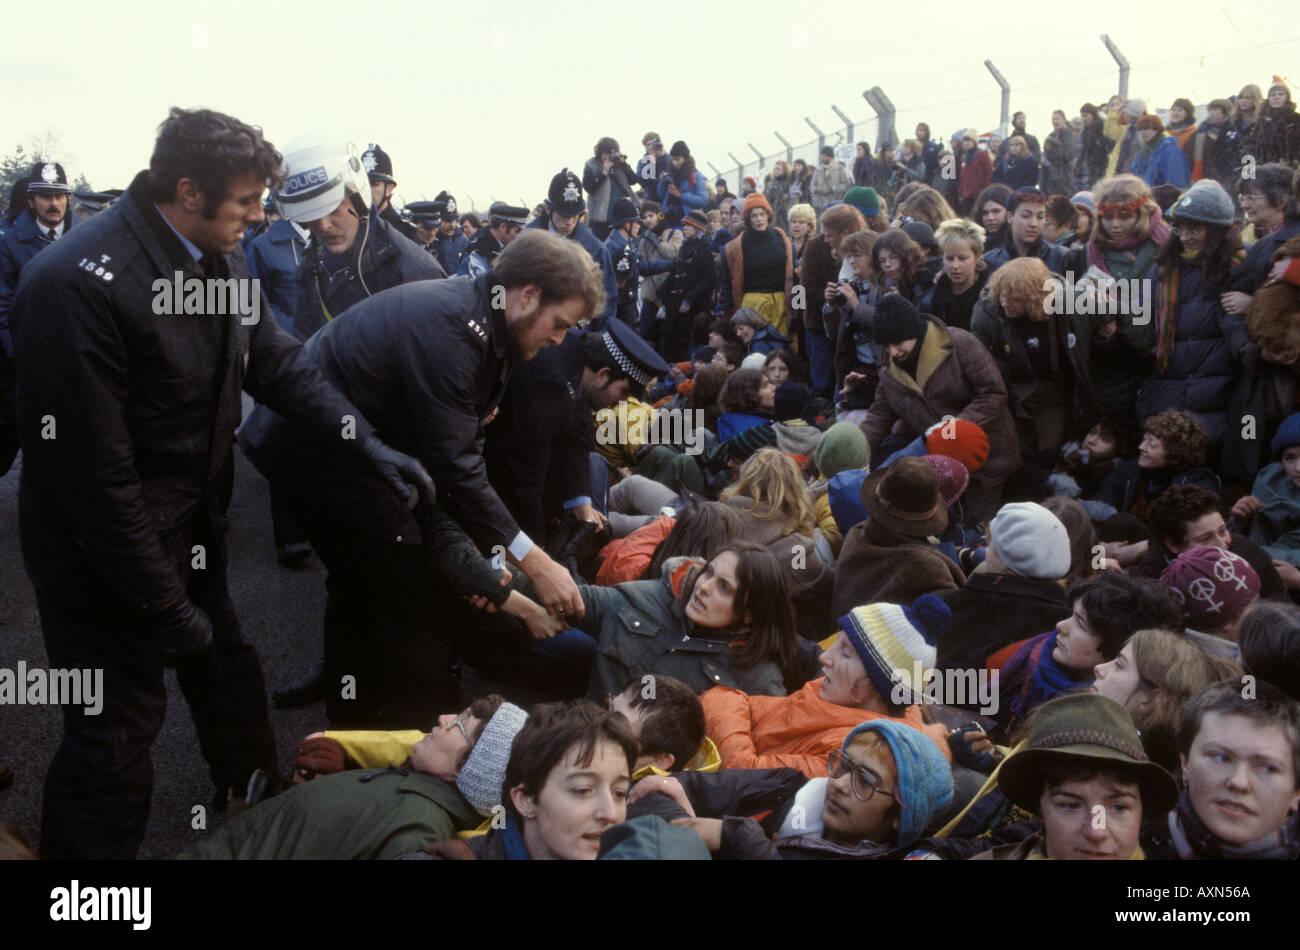 La polizia arresta la pace dimostranti presso nucleare missile di crociera base aerea Greenham Common Berkshire Foto Stock